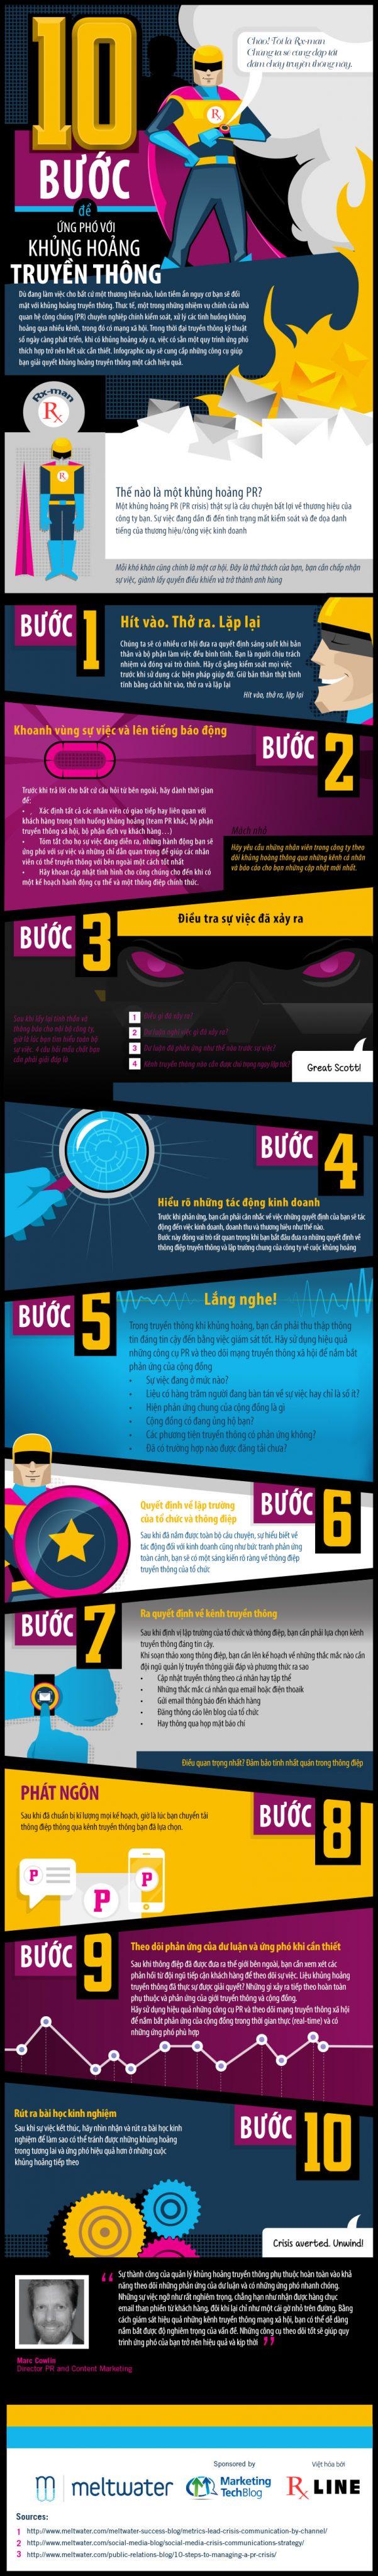 [Infographic] Quy trình xử lý khủng hoảng truyền thông cho thương hiệu